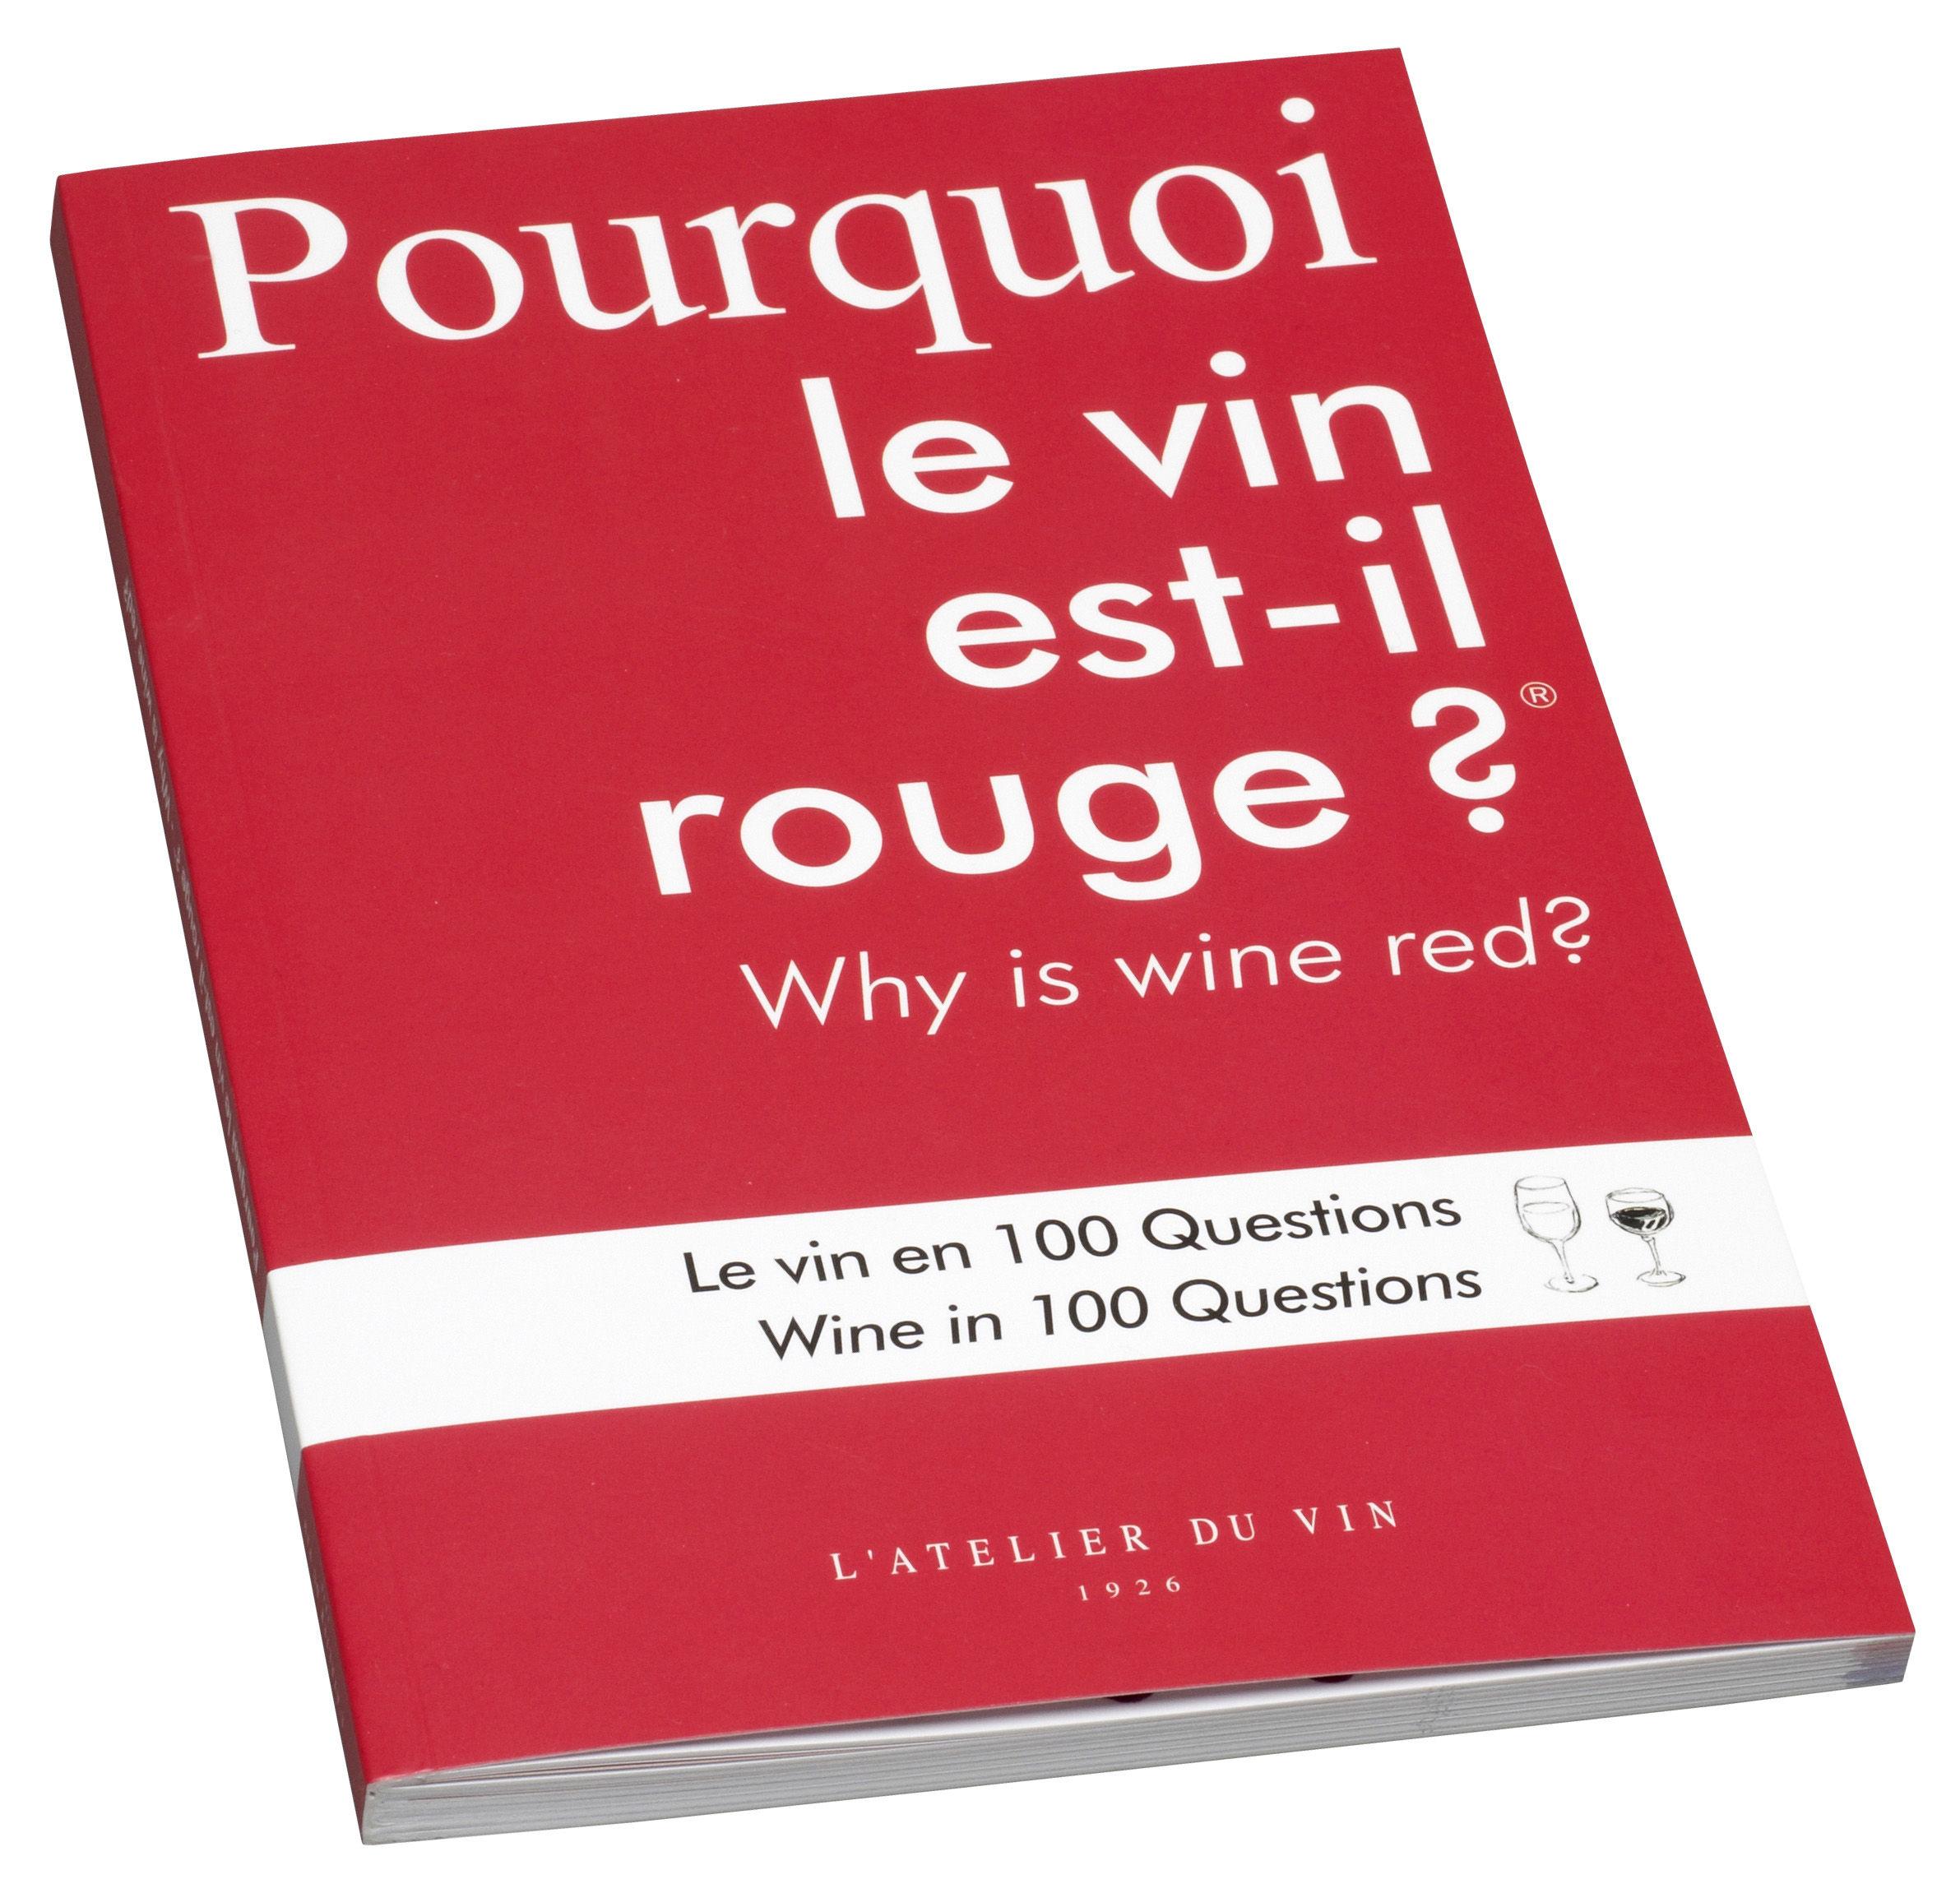 livre pourquoi le vin est il rouge rouge l 39 atelier du vin made in design. Black Bedroom Furniture Sets. Home Design Ideas